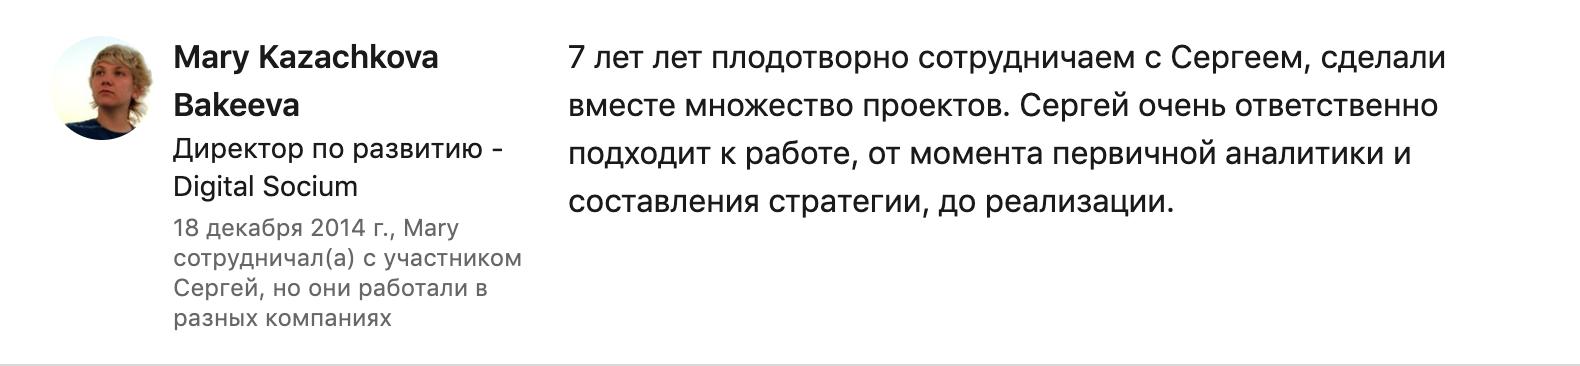 Отзыв Марии Казачковой из агентства Digital Socium